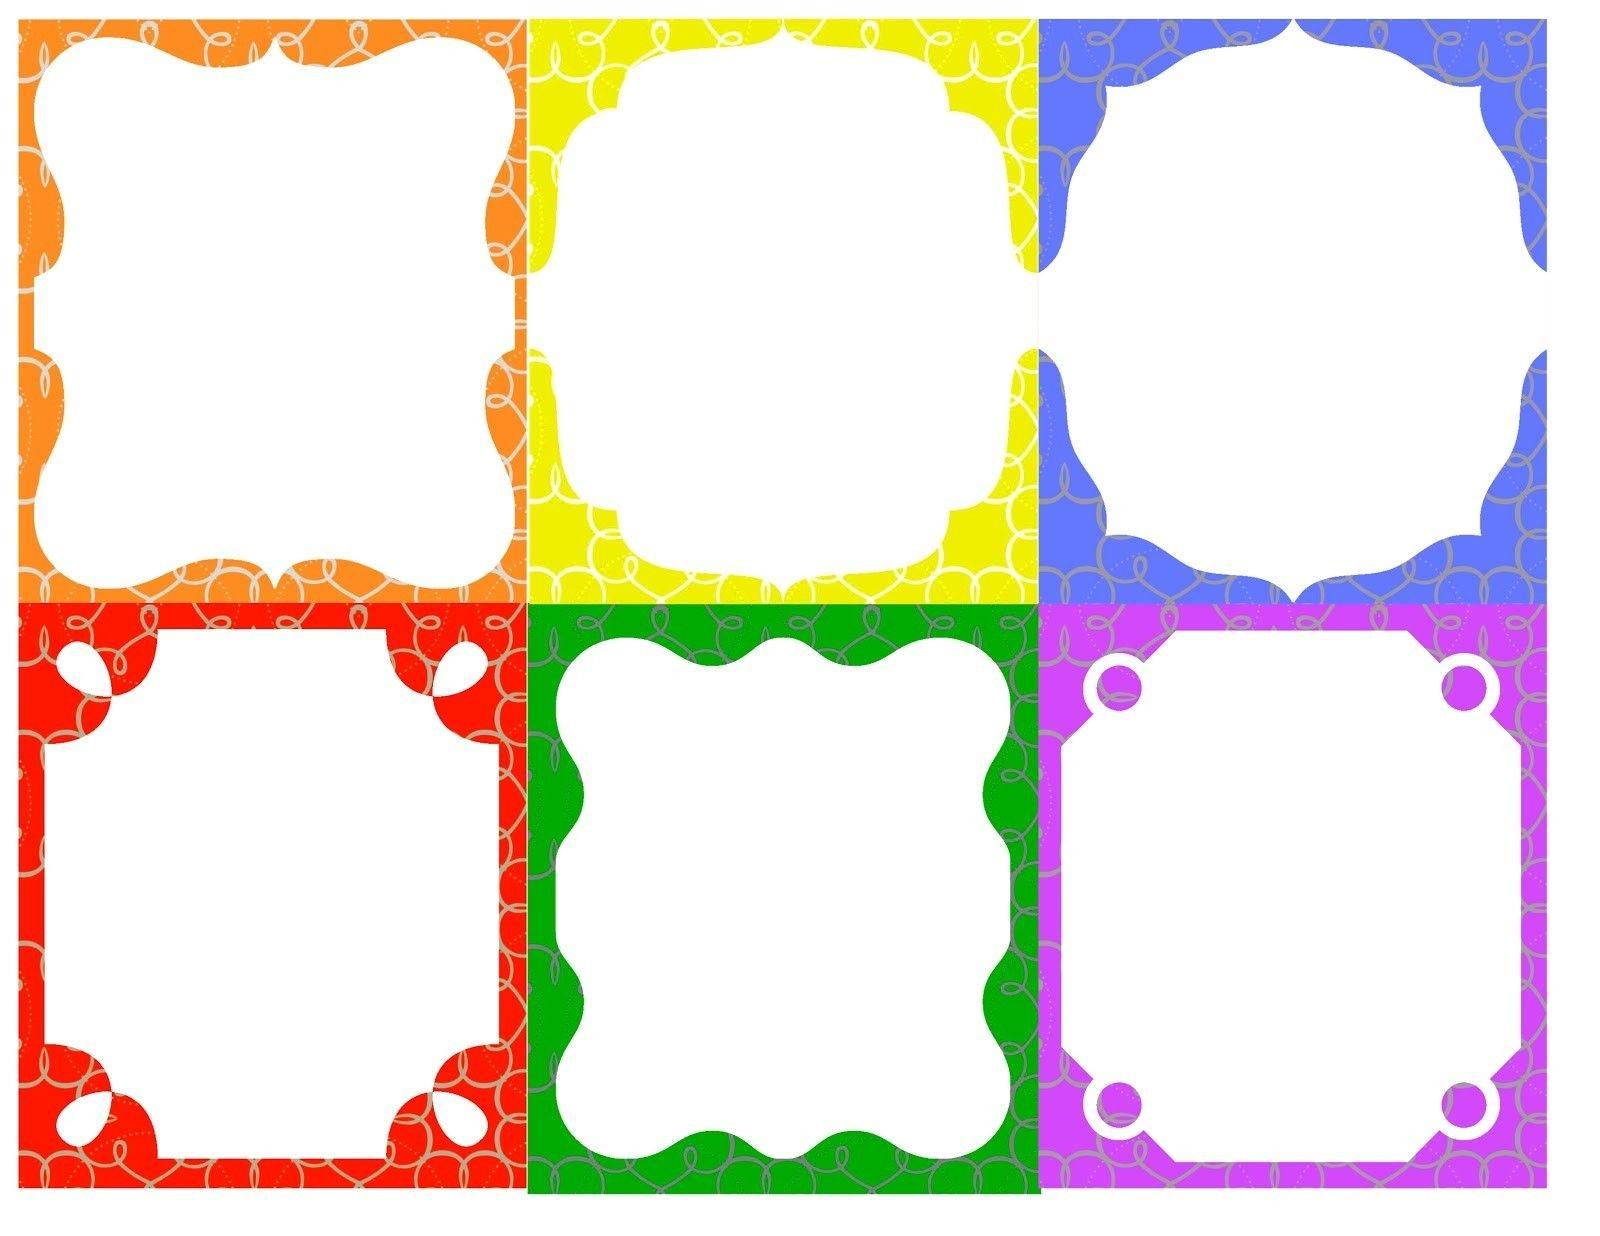 Name+Tag+Templates+Printable+For+Kids   Name Tags   Name Tag - Superhero Name Tags Free Printable